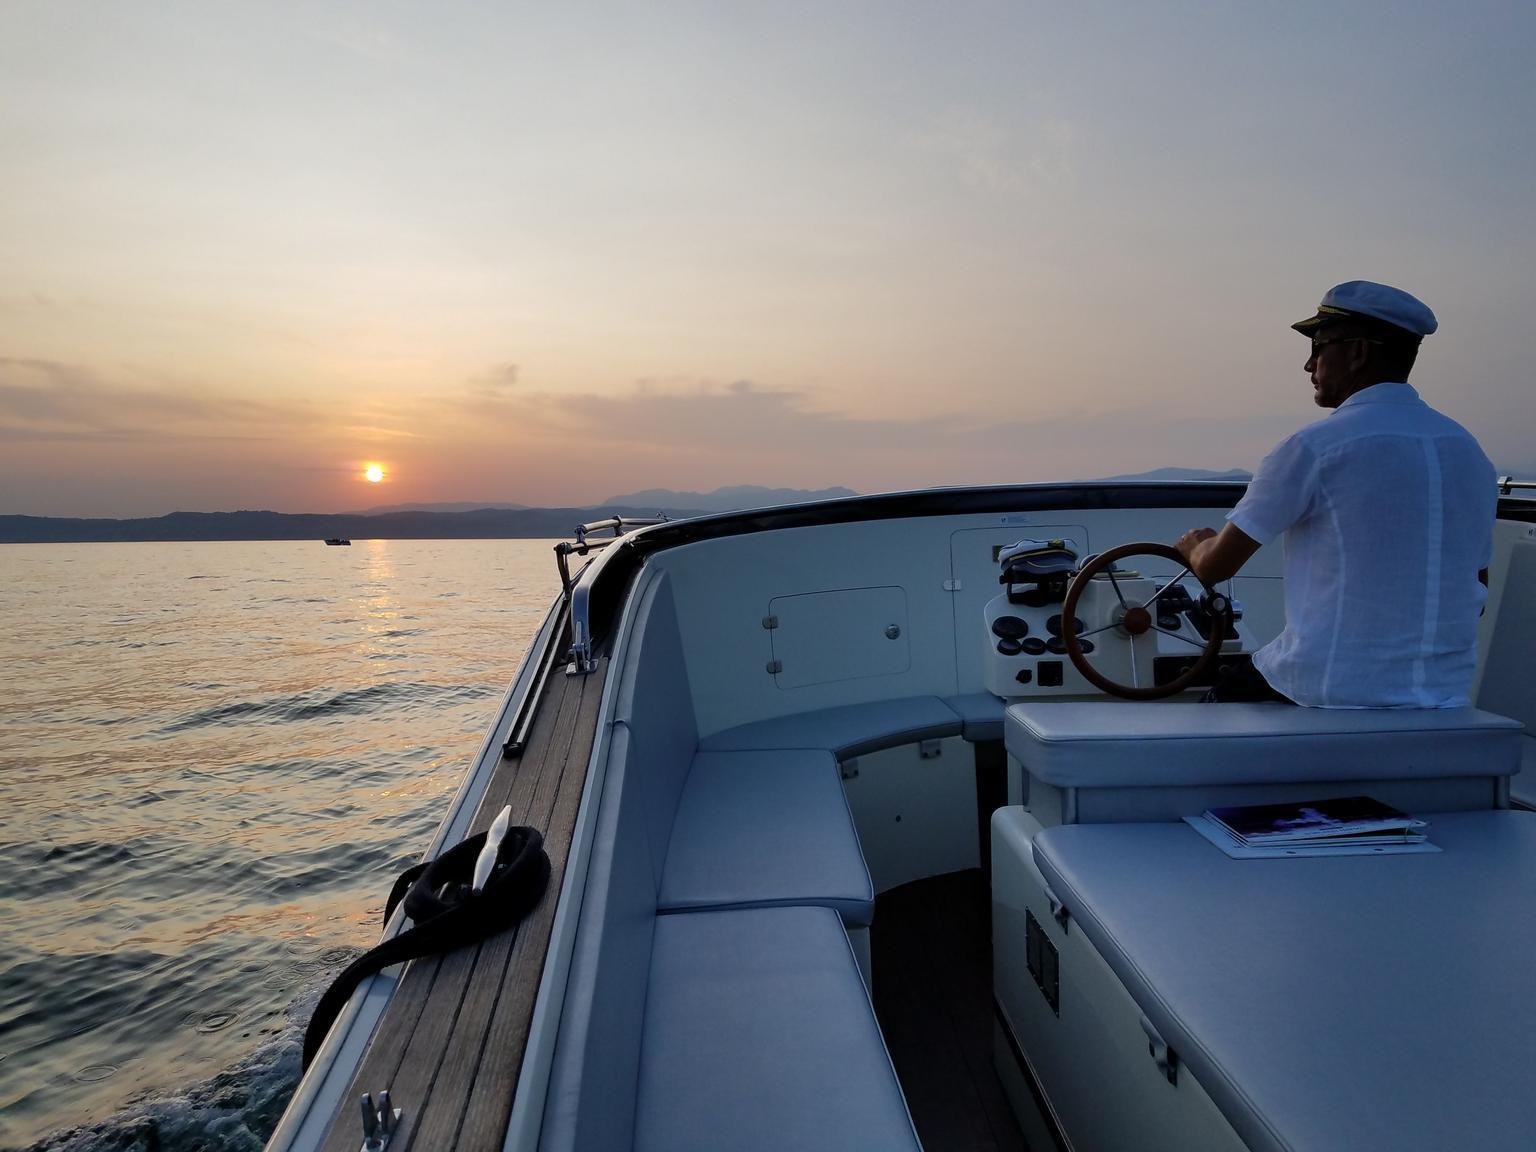 MAIS FOTOS, Excursão privada do Lago di Garda ao pôr do sol com prosecco